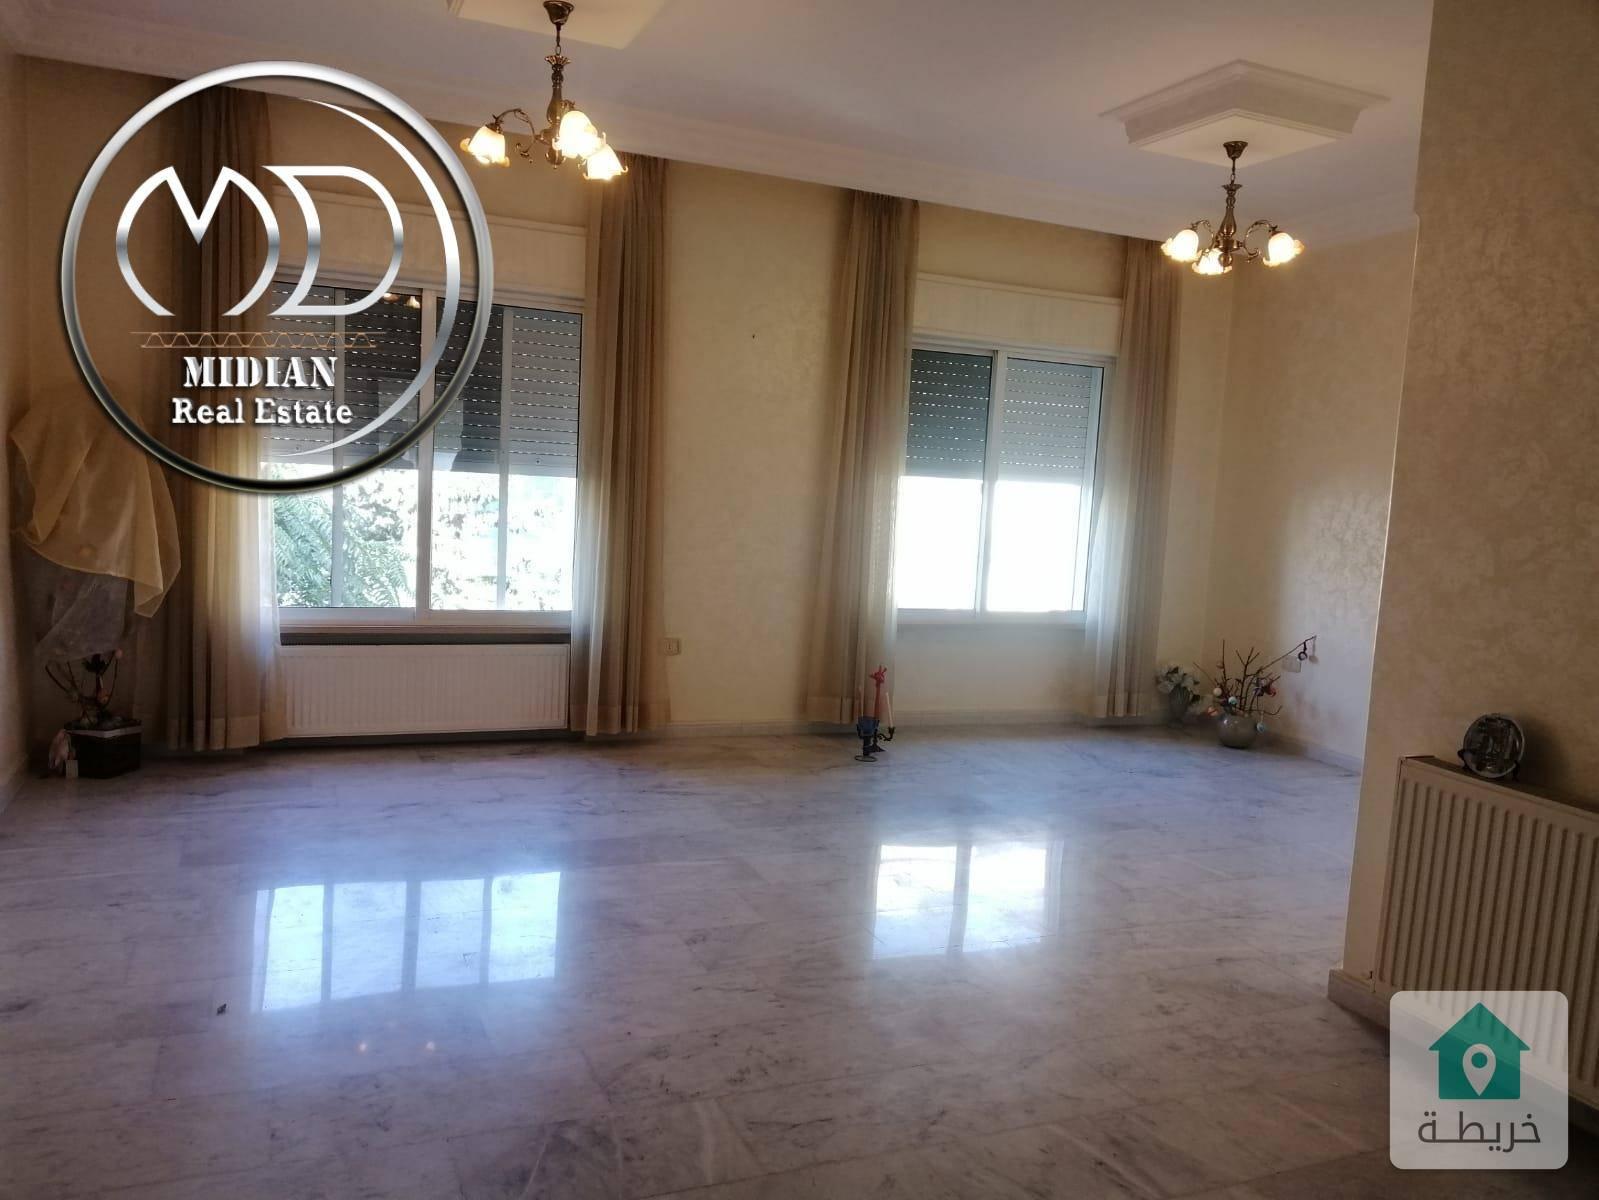 شقة فارغة للايجار الجندويل مساحة 150م طابق ثاني بسعر مناسب